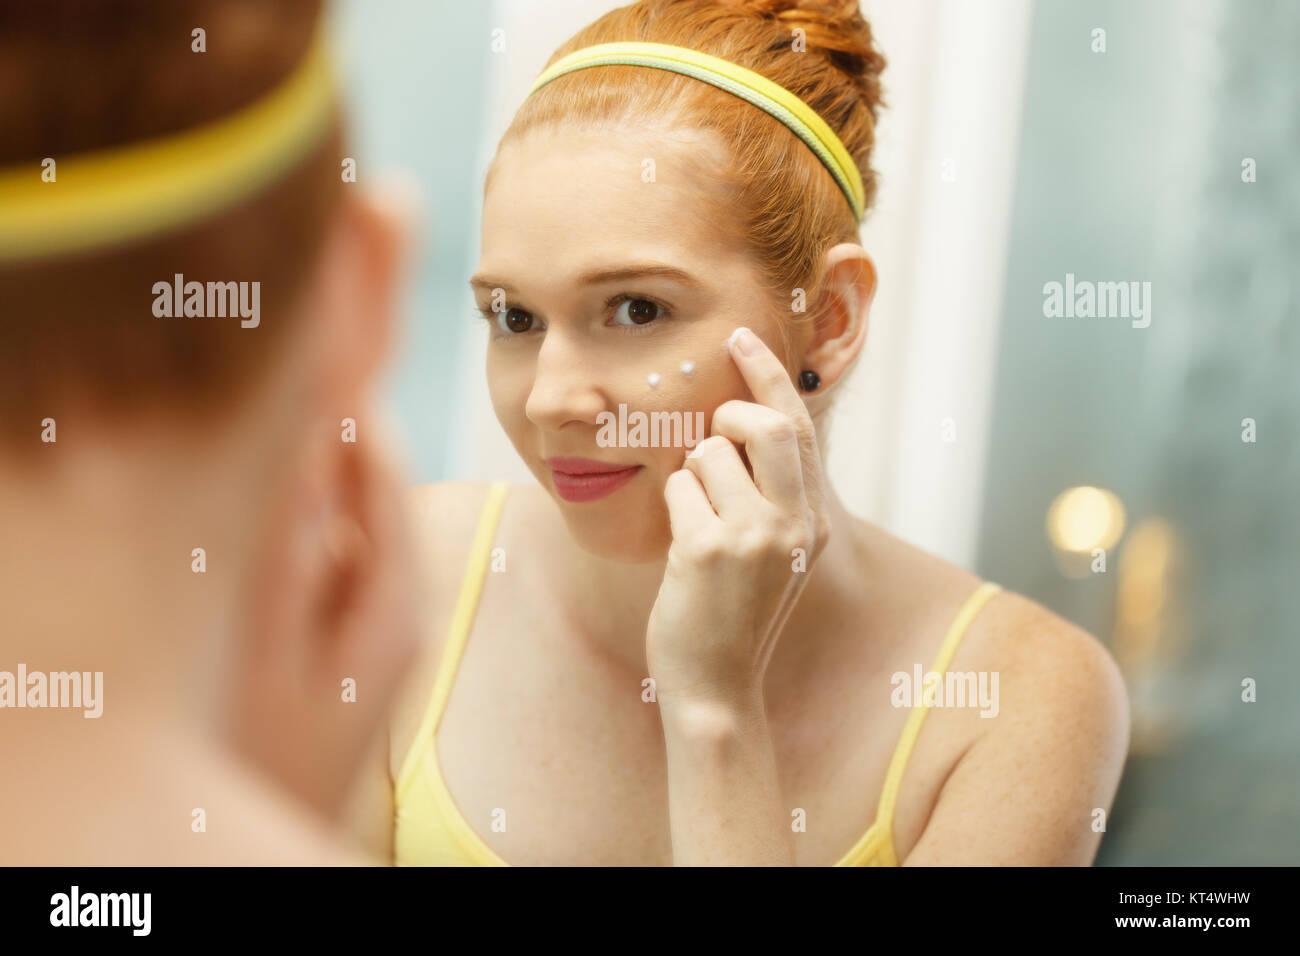 Rothaarige Mädchen Anwendung beauty Creme in home Bad am Morgen. Junge Frau kümmert sich um Ihre Haut, Spiegel, Stockfoto